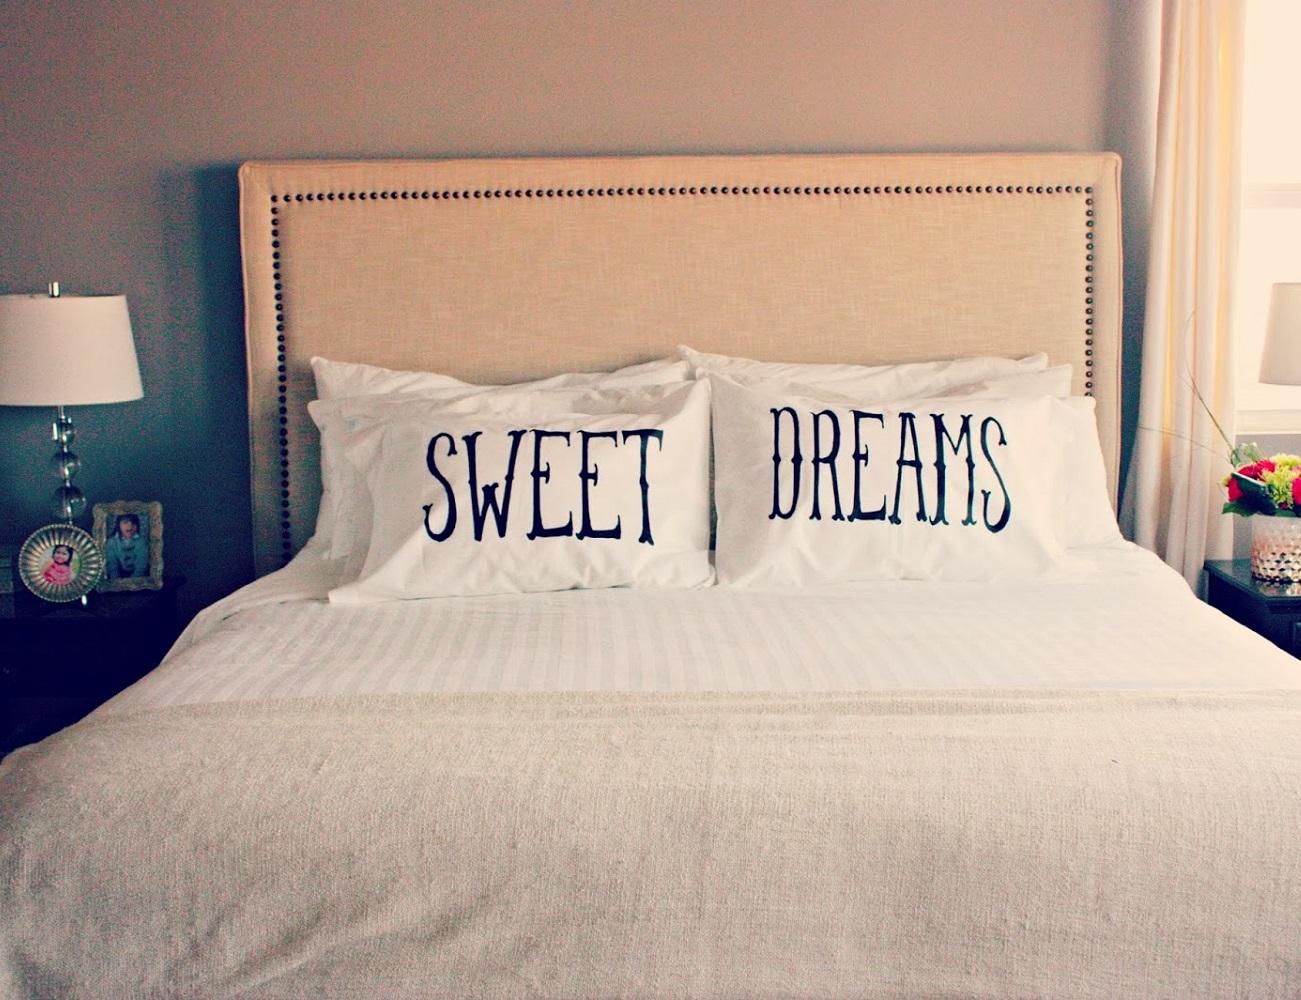 Sweet Dreams Pillow Case Set » Gadget Flow